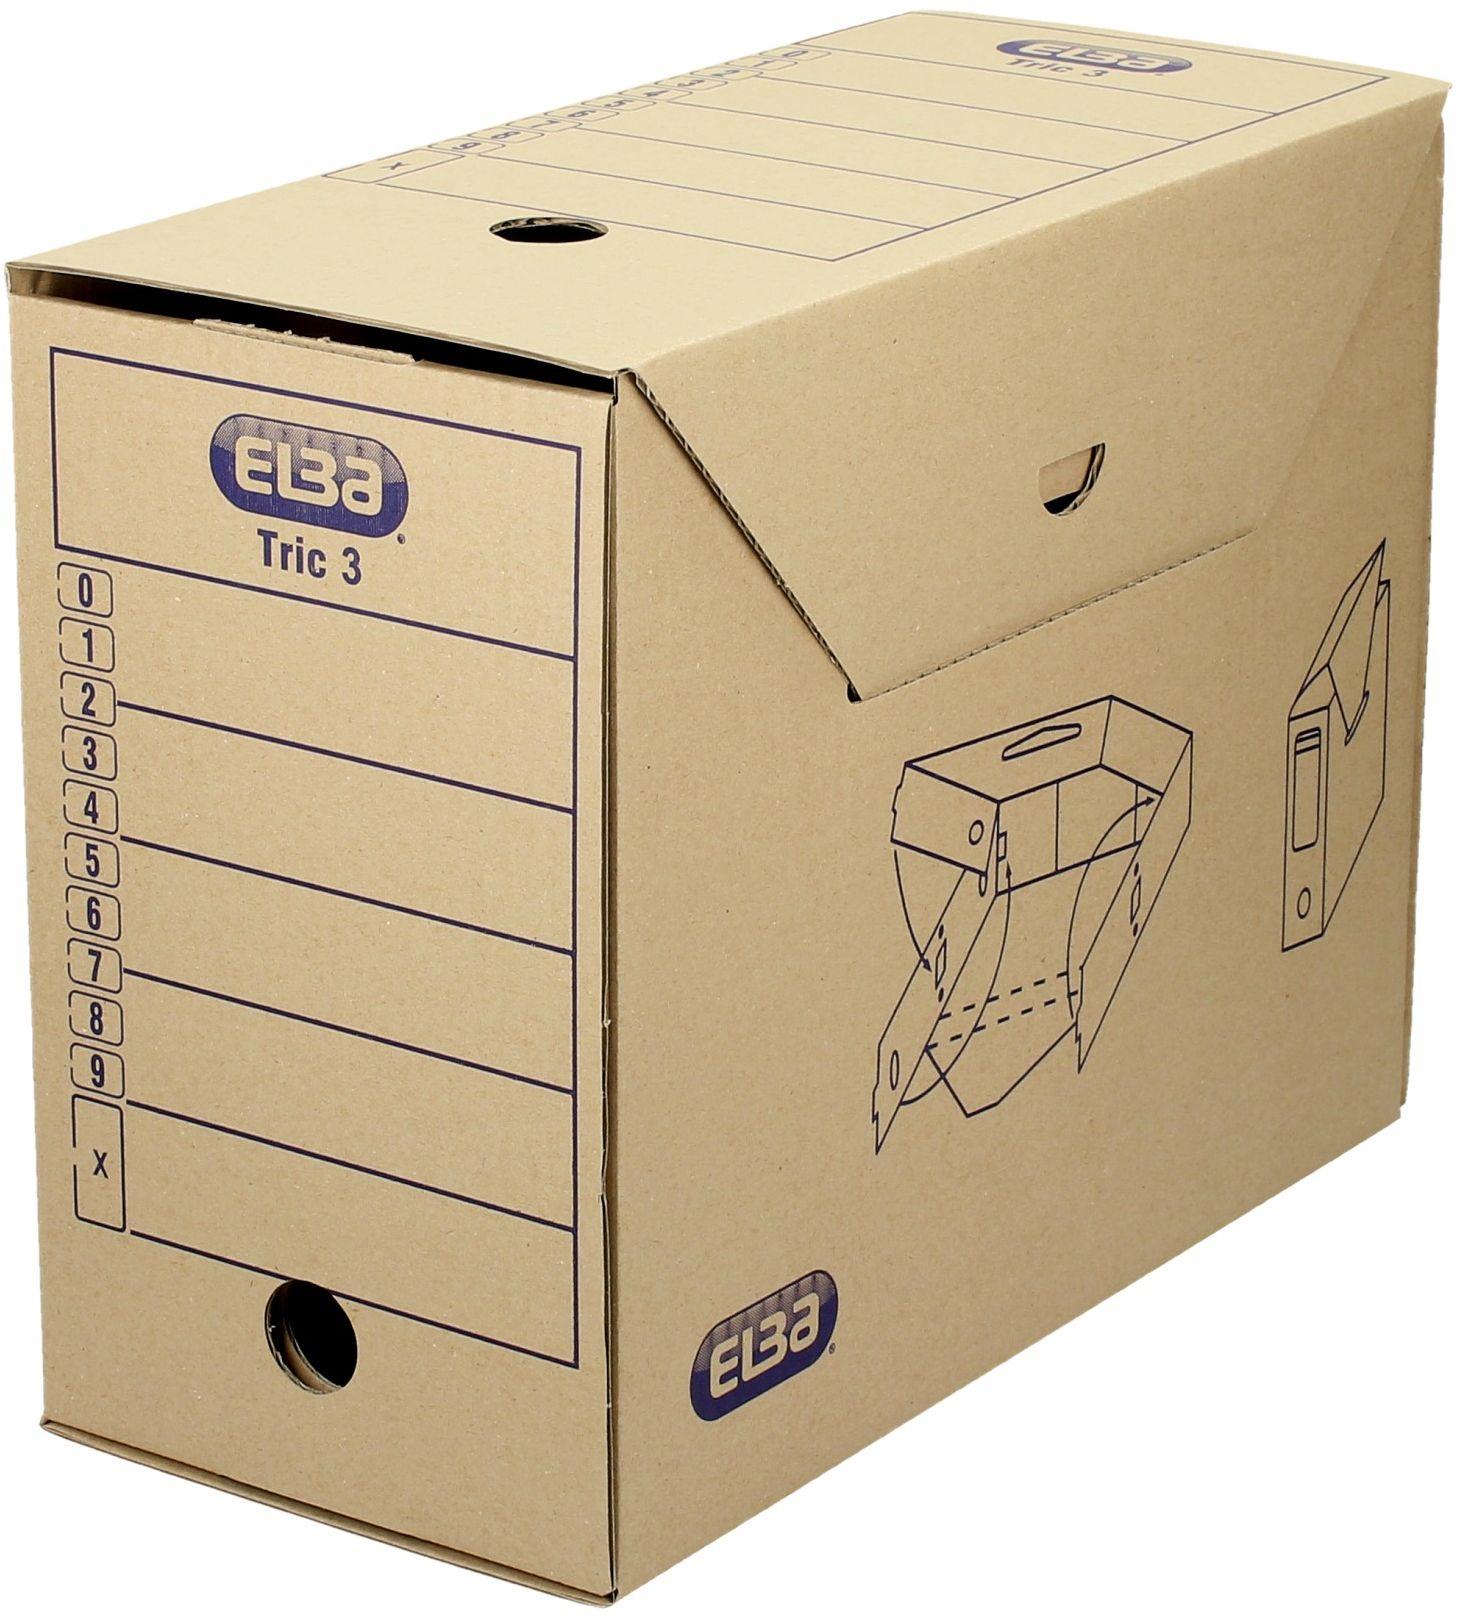 Pudło archiwizacyjne 265x155x340 brązowe Tric 3 Elba